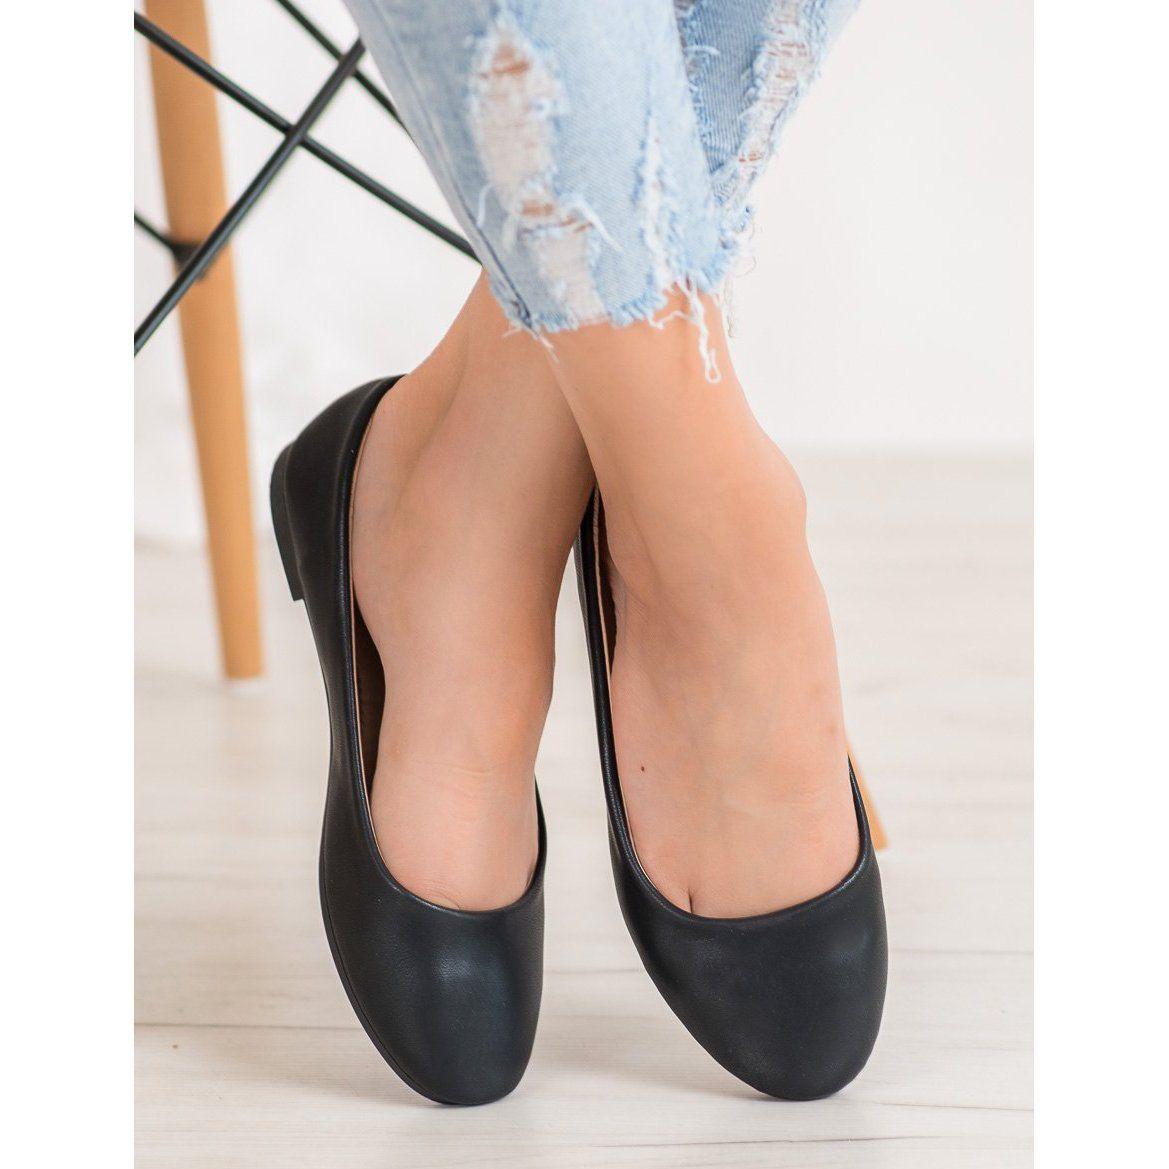 Diamantique Czarne Balerinki Pumps Shoes Flats Shoes